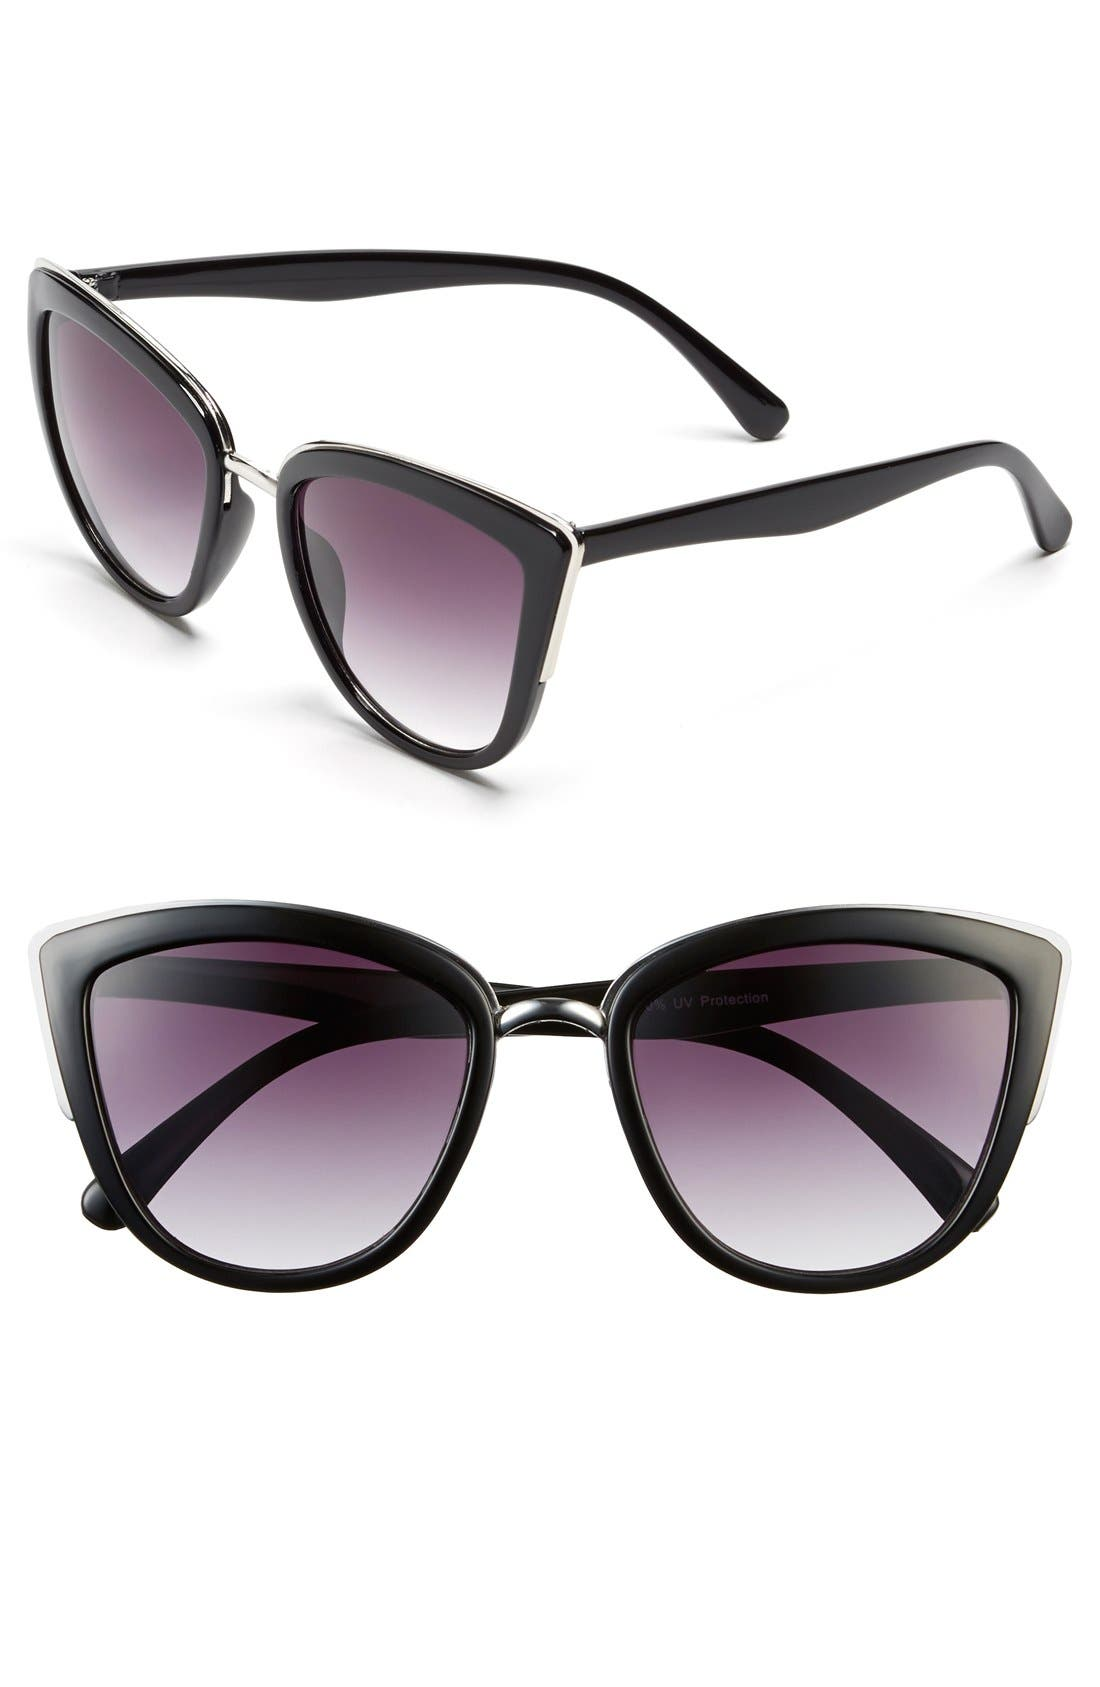 Alternate Image 1 Selected - BP. 55mm Metal Rim Cat Eye Sunglasses